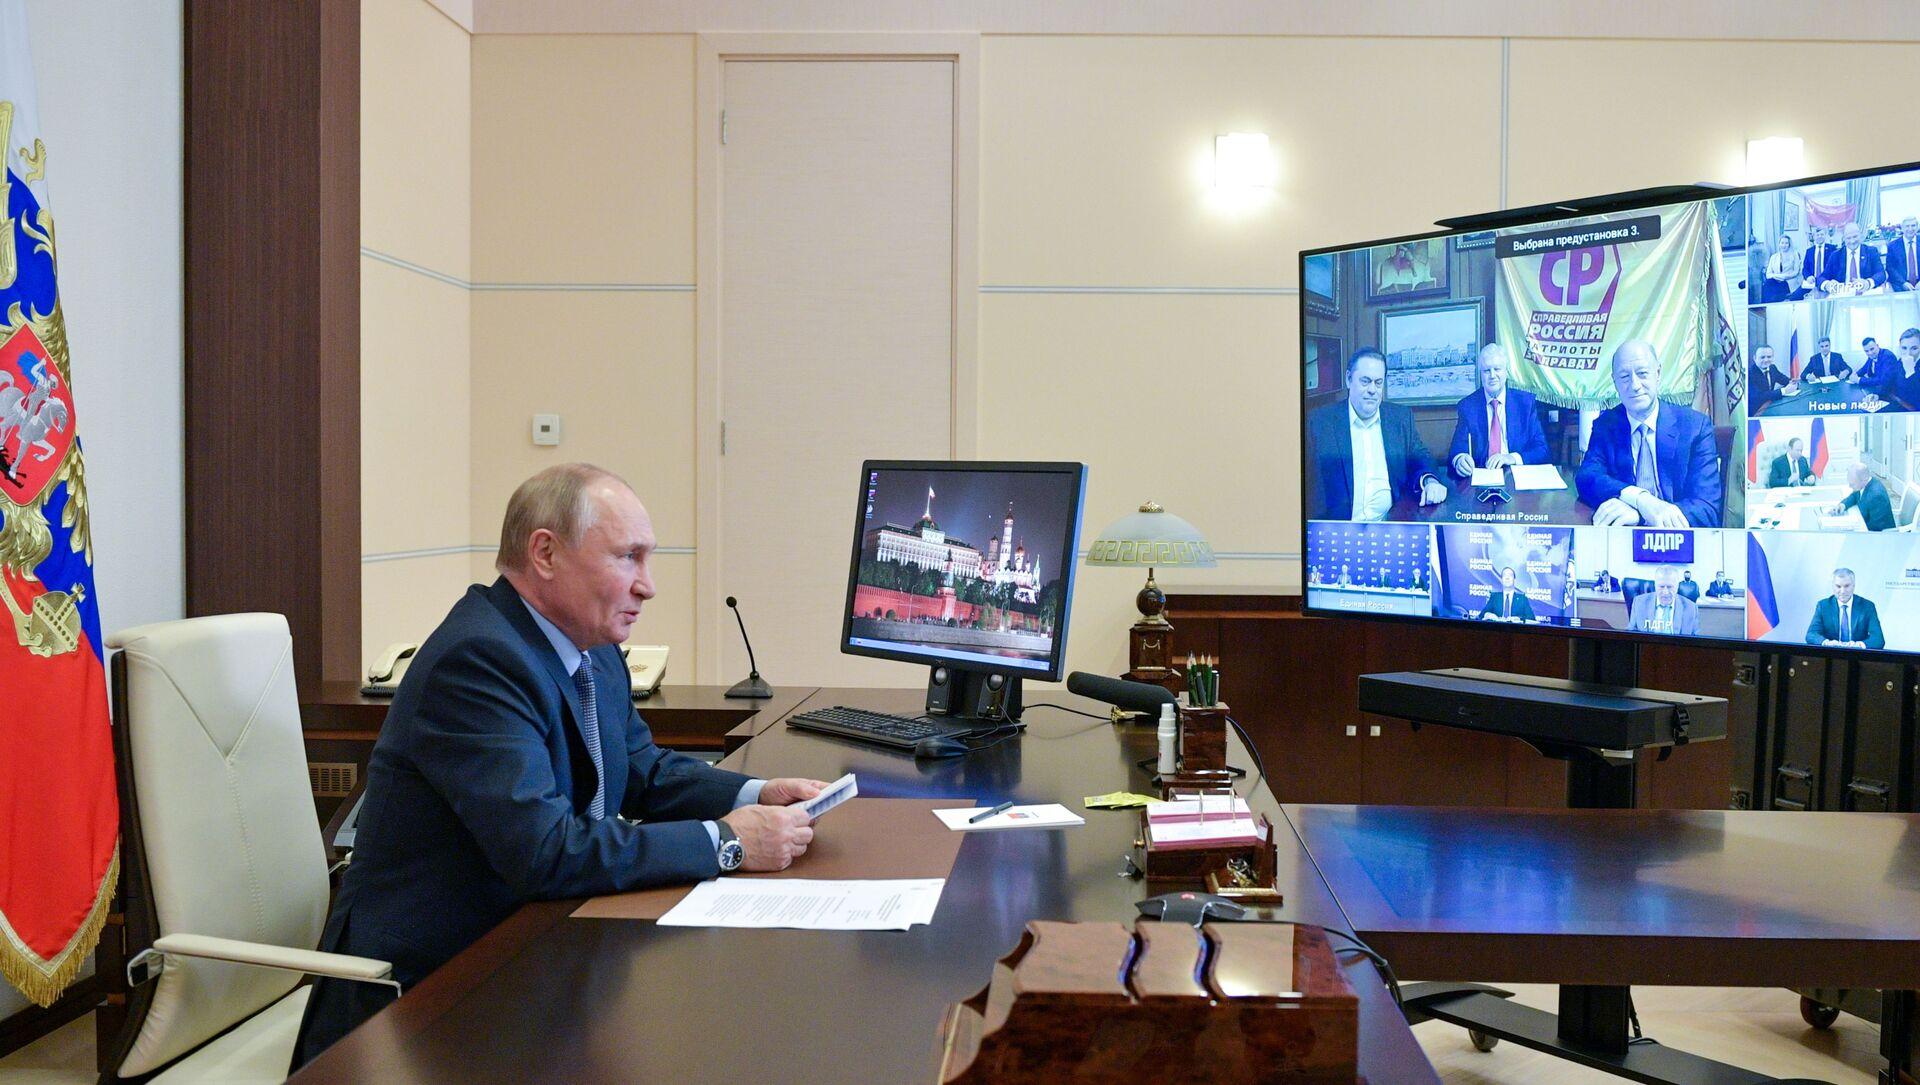 Tổng thống LB Nga phát biểu tại cuộc họp với ban lãnh đạo các đảng phái chính trị gia nhập Duma Quốc gia sau cuộc bầu cử ngày 17-19 tháng 9 - Sputnik Việt Nam, 1920, 25.09.2021